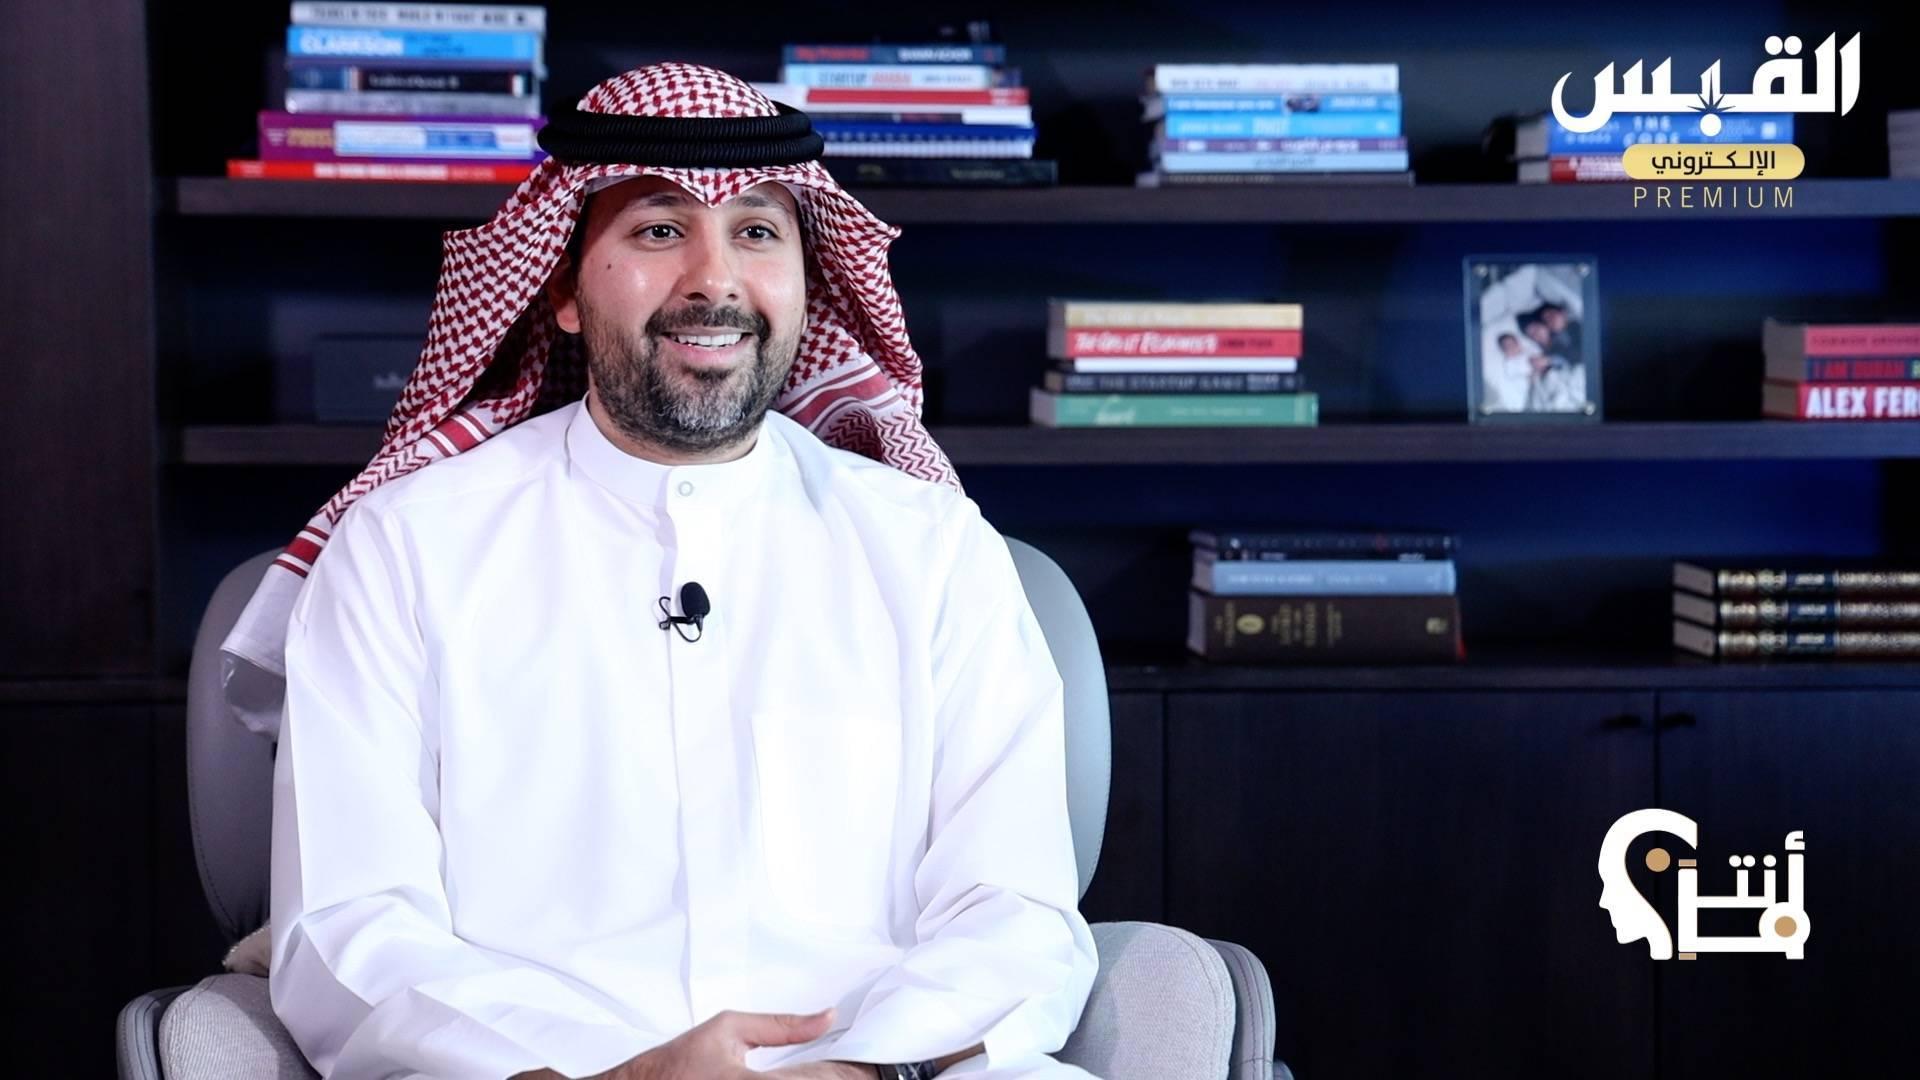 محمد جعفر: الاحتكار يضر بالجميع.. والمنافسة يجب أن تكون عن طريق المنتج